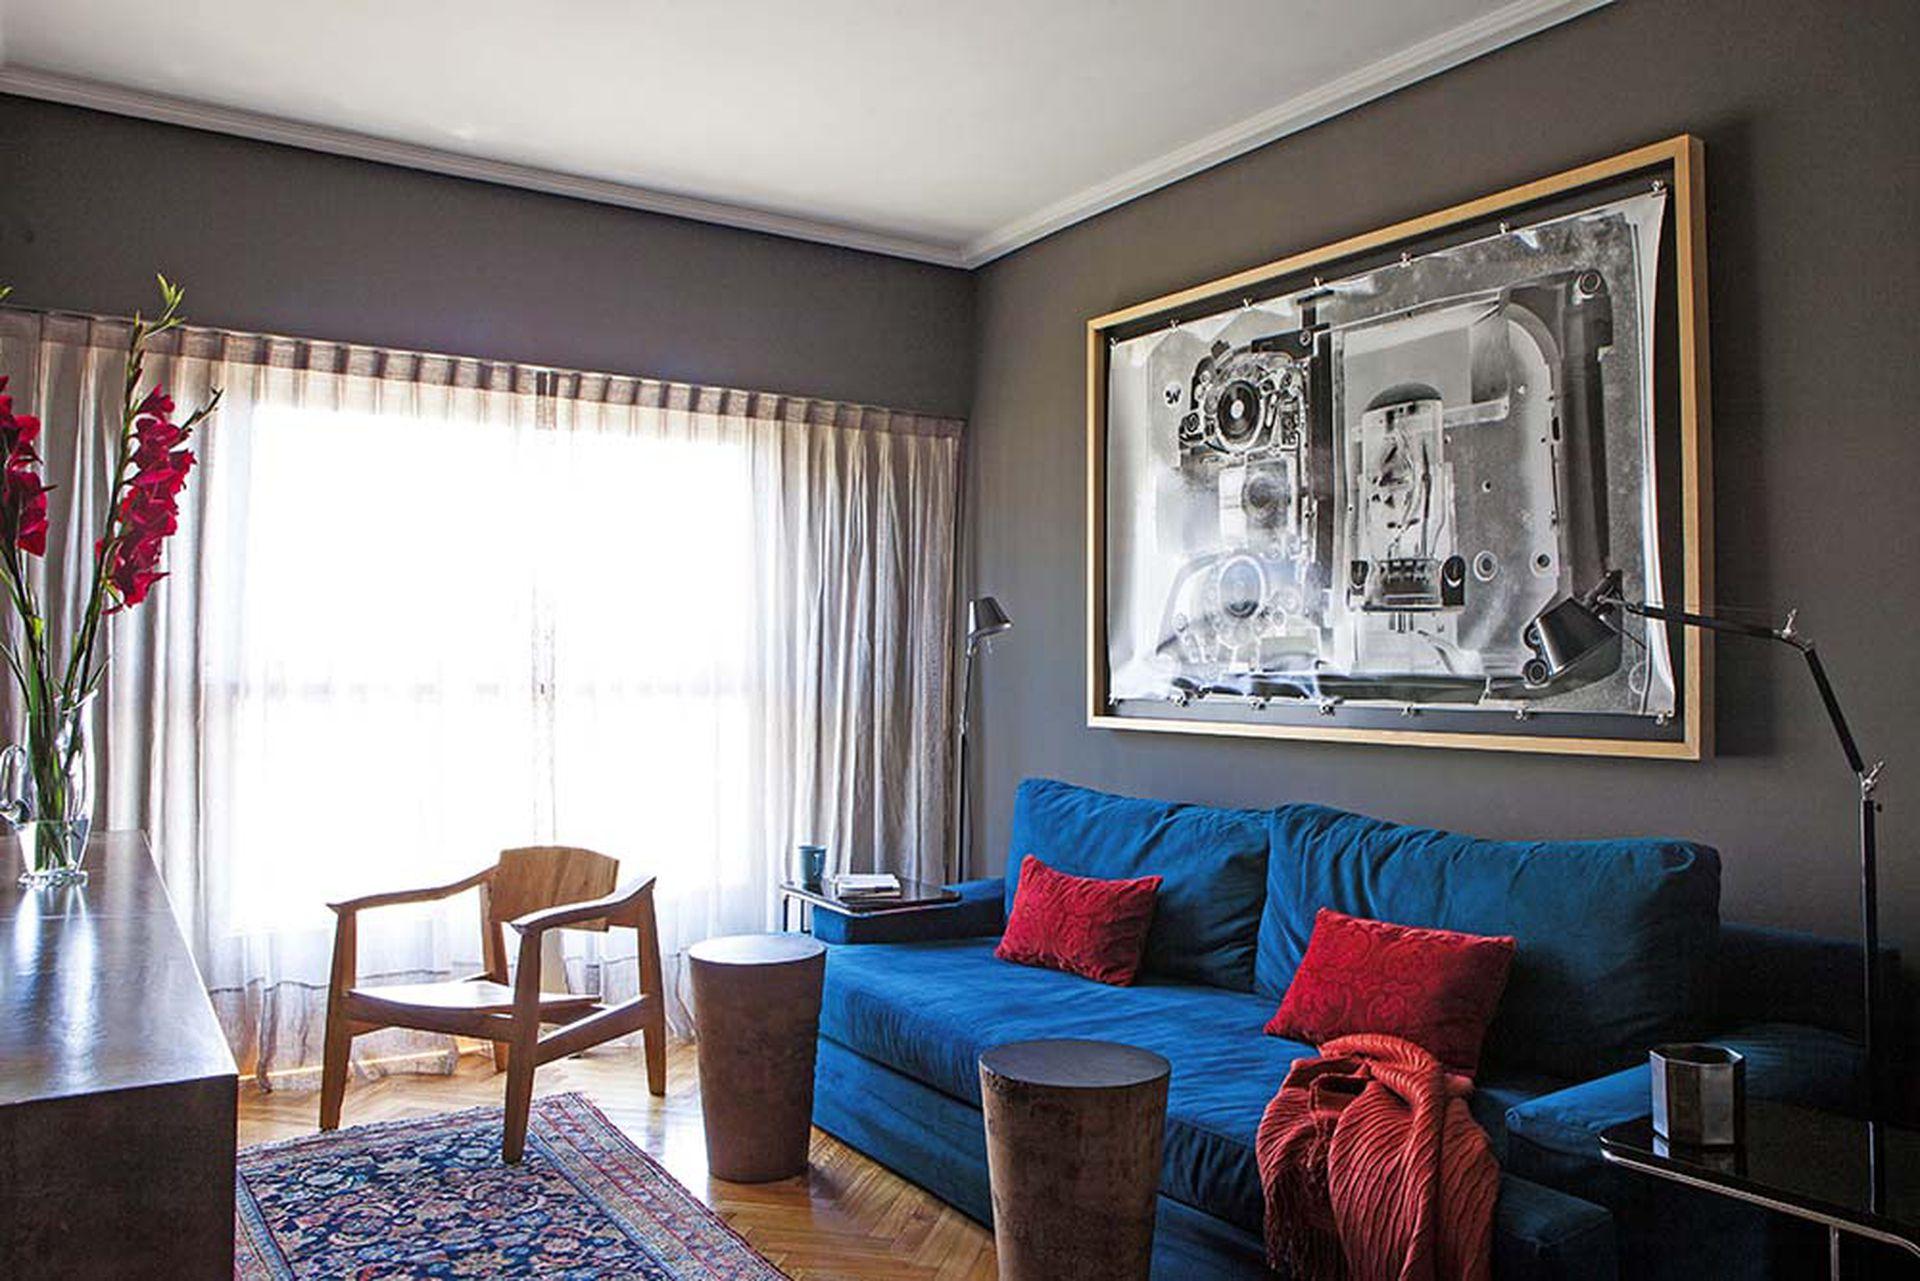 En la pared, una gran foto de una cámara antigua sostenida con ganchos de escritorio.